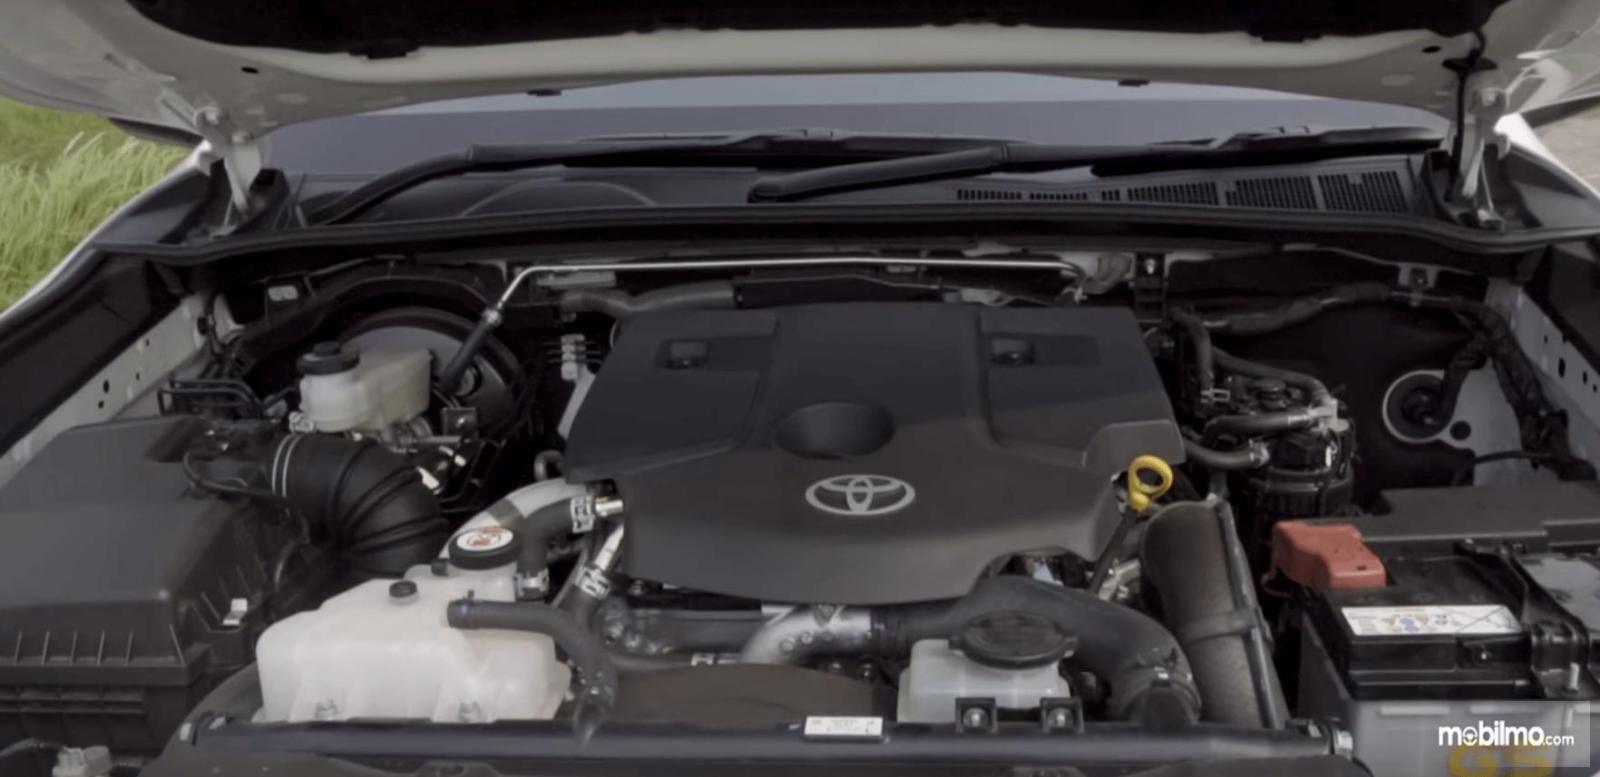 Gambar ini menunjukkan mesin mobil Toyota Fortuner 2017